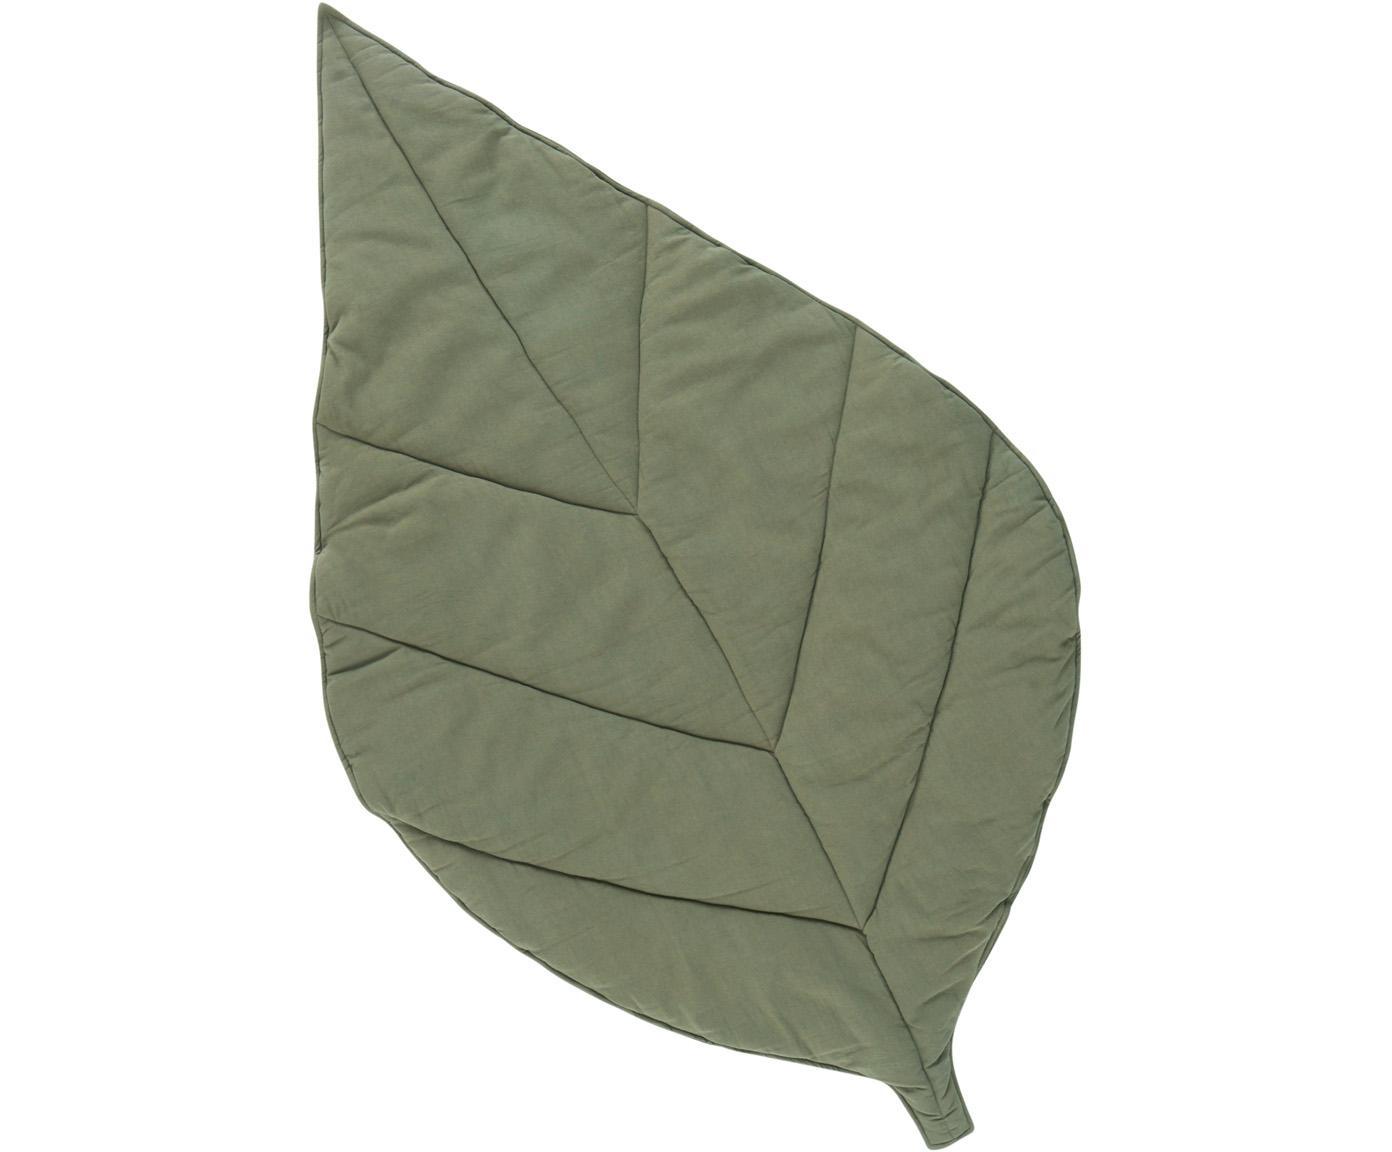 Spielmatte Keaton, Bezug: 100% Bio-Baumwolle, Grün, 100 x 165 cm